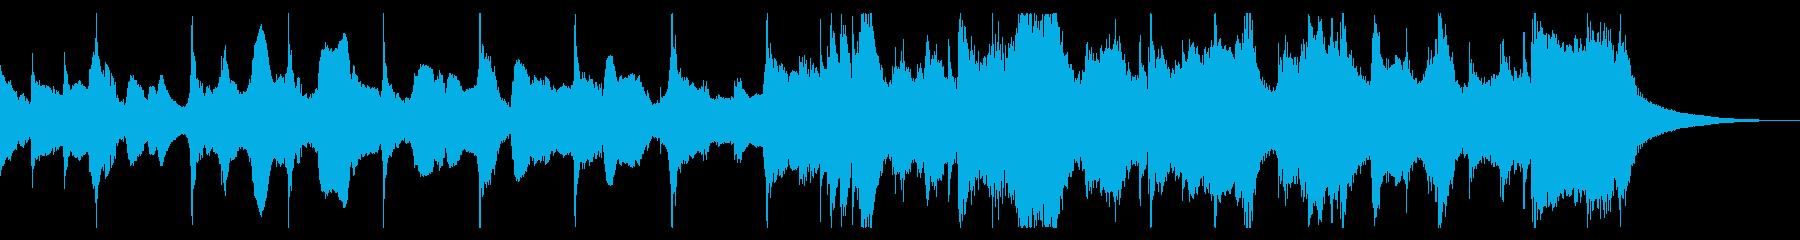 ほのぼのCMや転換ジングルの再生済みの波形